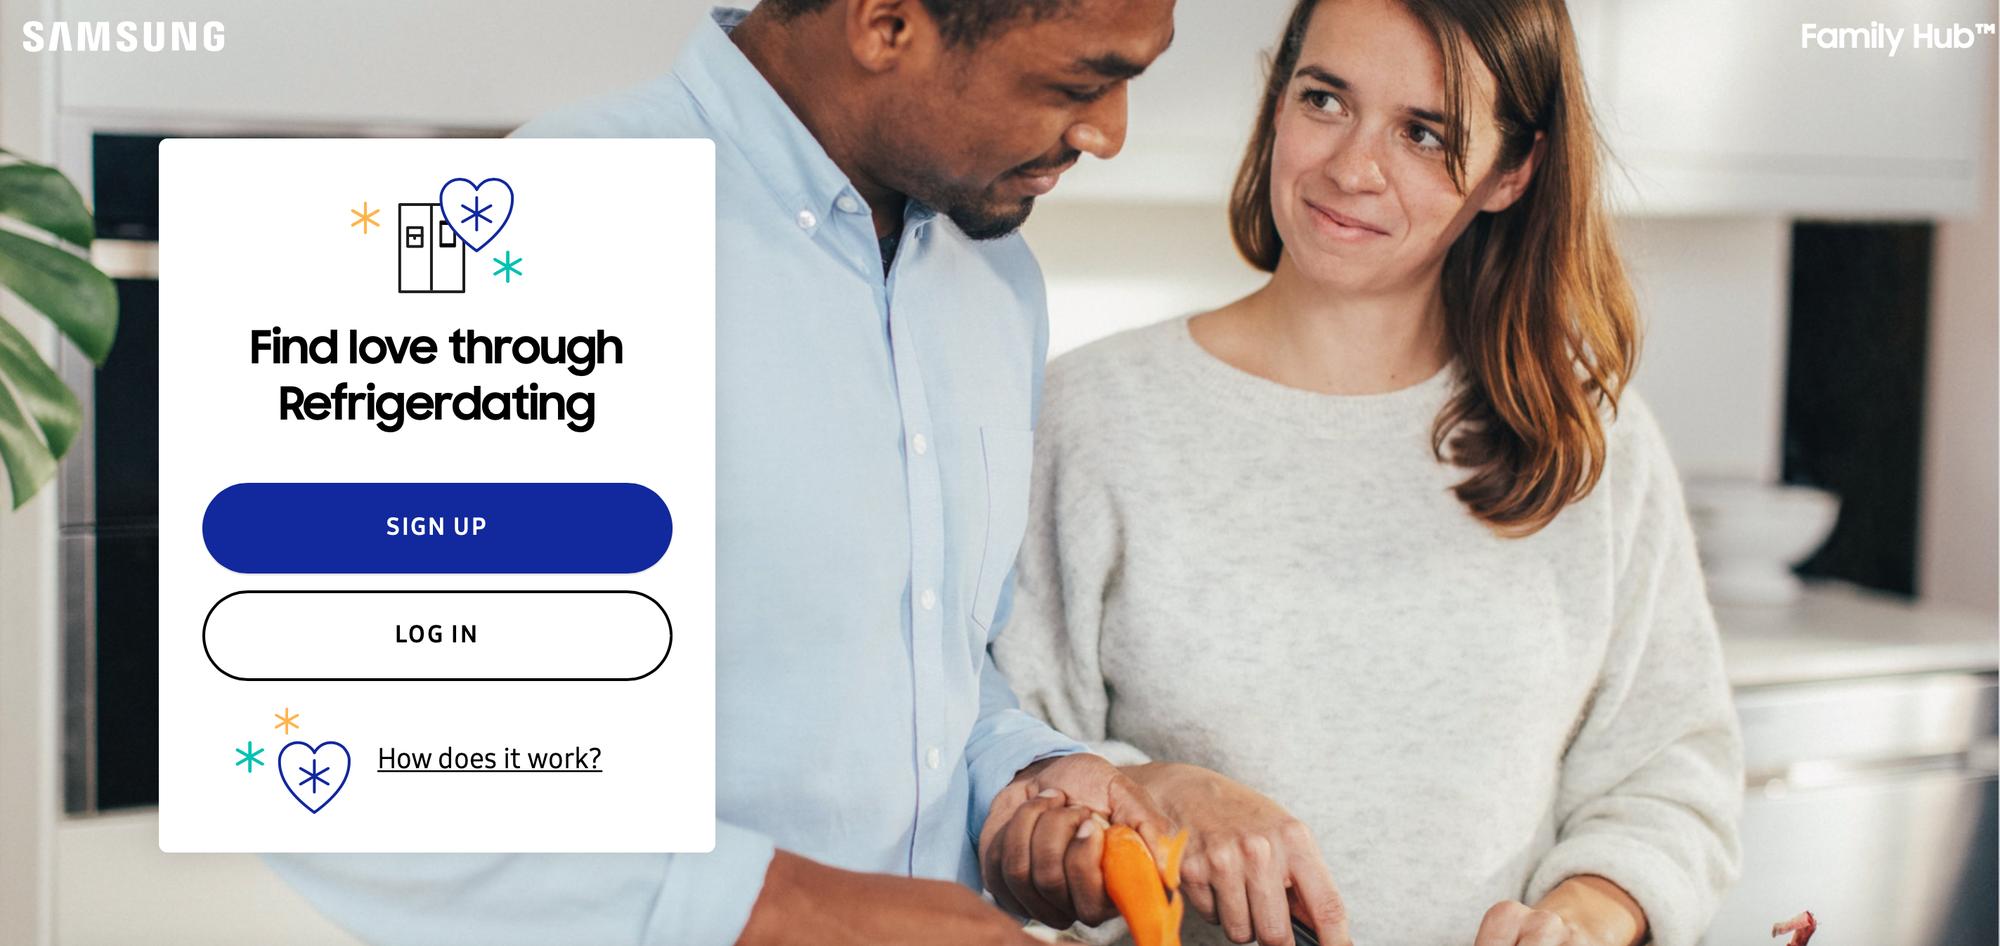 Hội FA chắc sẽ sướng rơn: Samsung có ứng dụng hẹn hò theo... thành phần tủ lạnh của bạn - Ảnh 2.